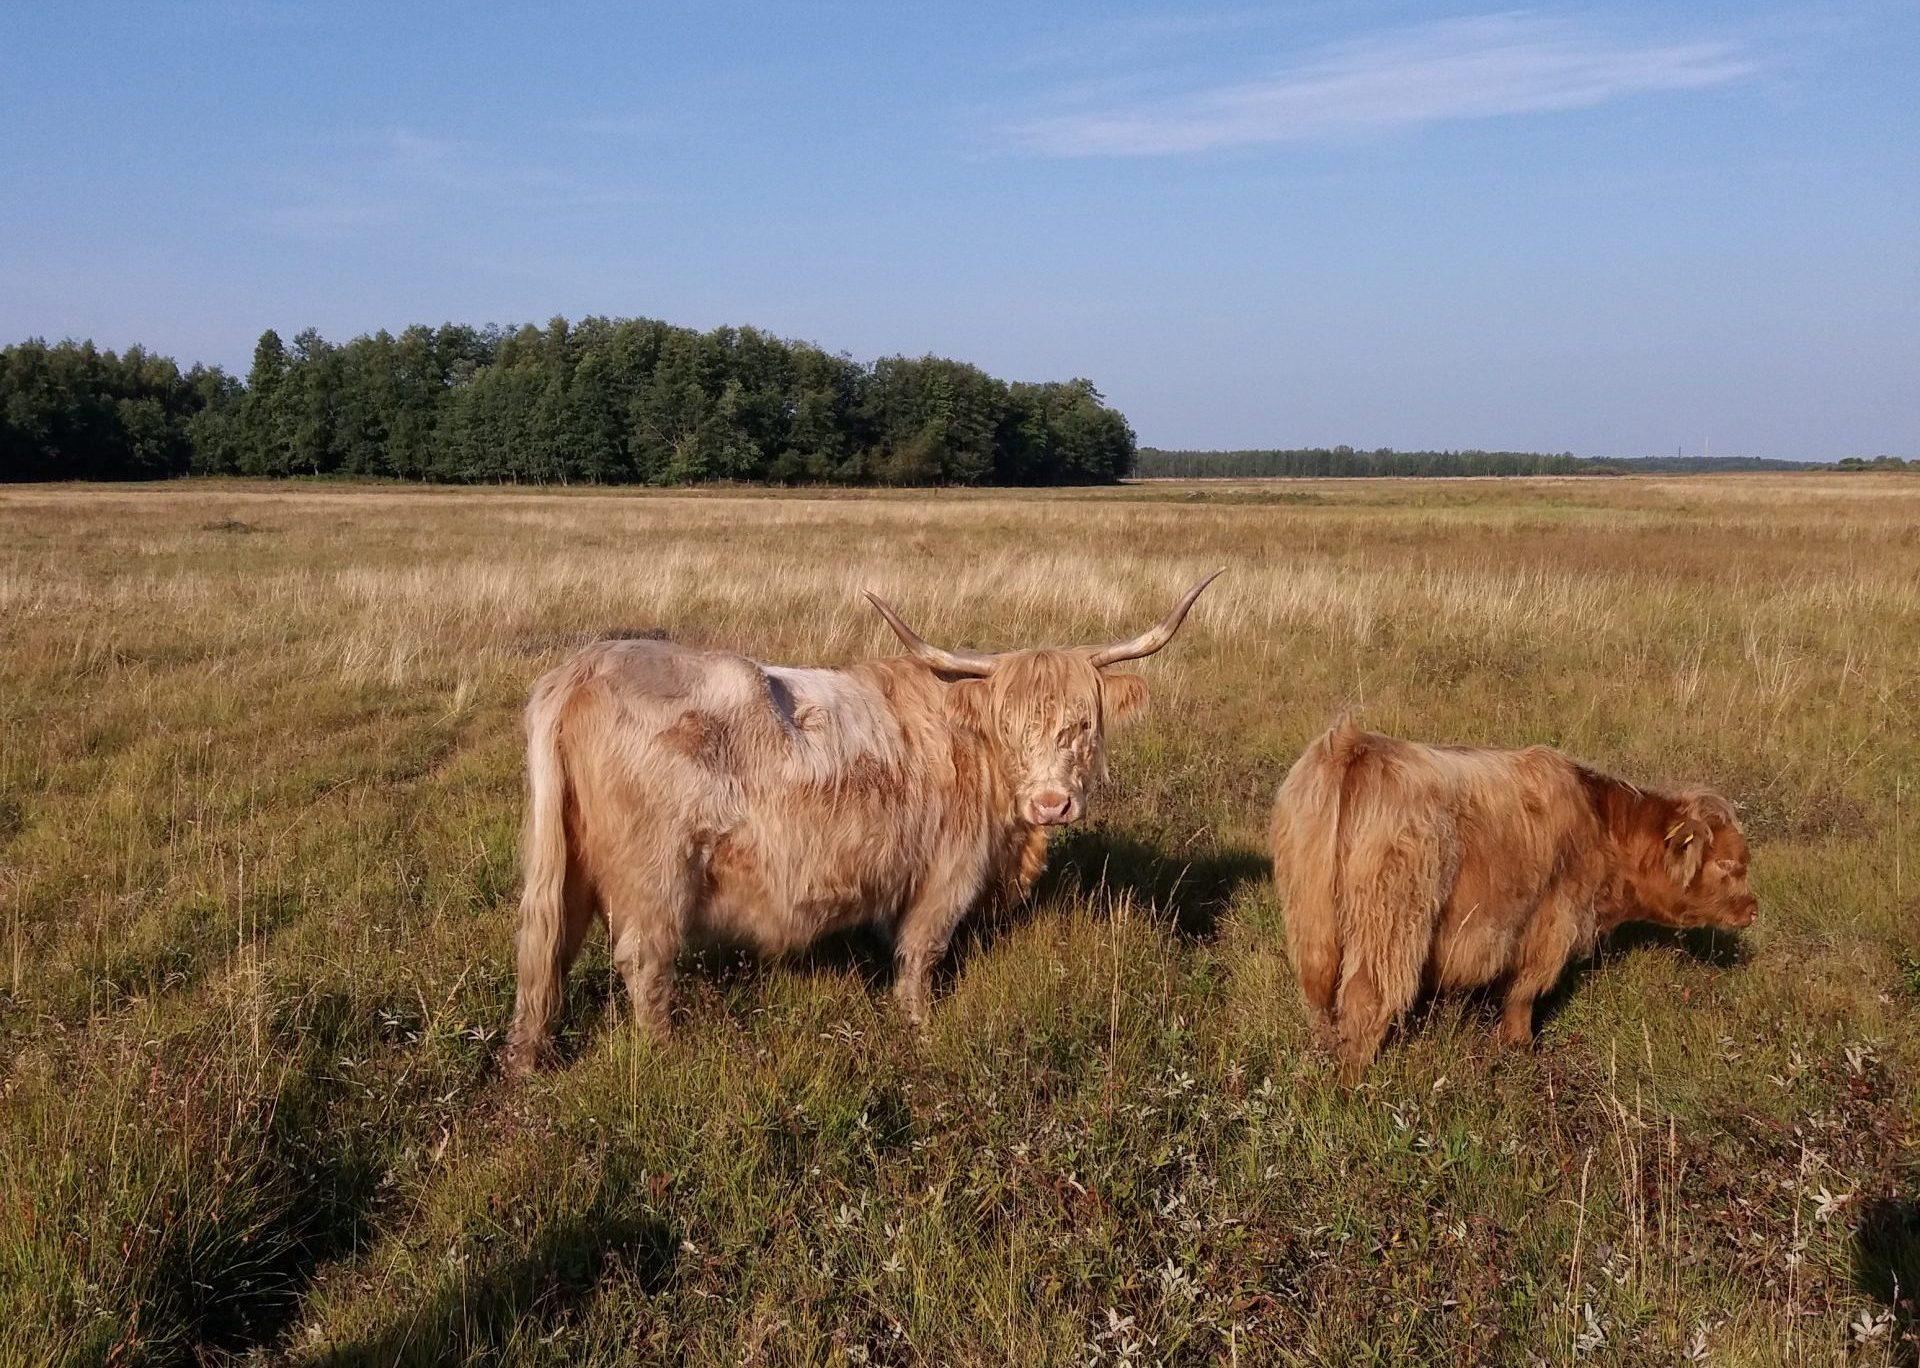 Kuvassa kaksi pellolla seisovaa ylämaankarjan edustajaa.